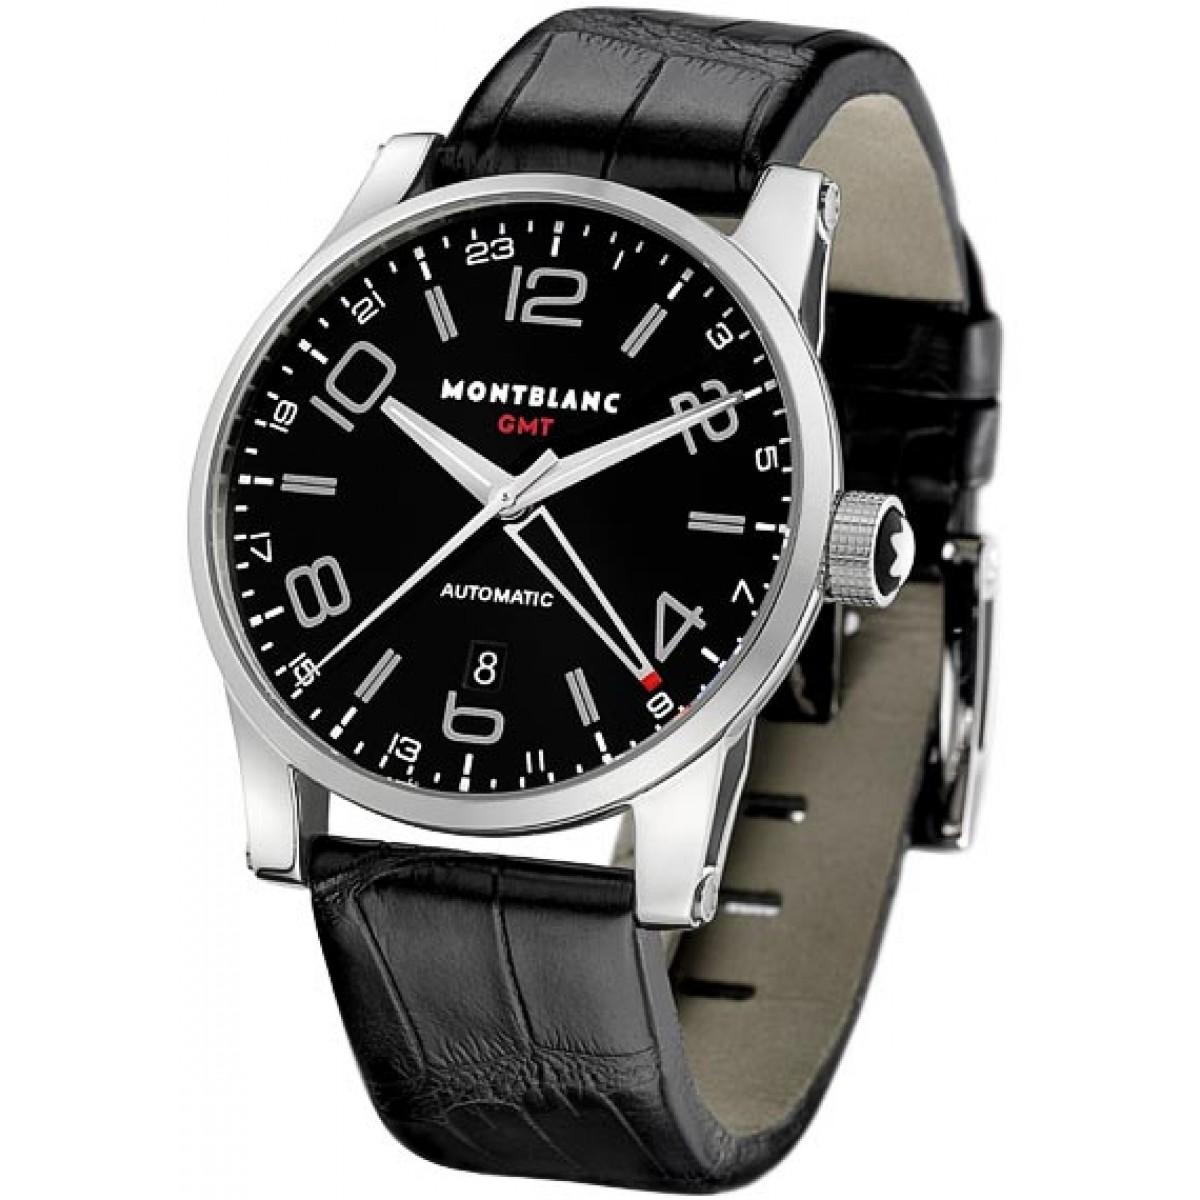 a7e1981a9a1 Relógio Réplica Montblanc GMT